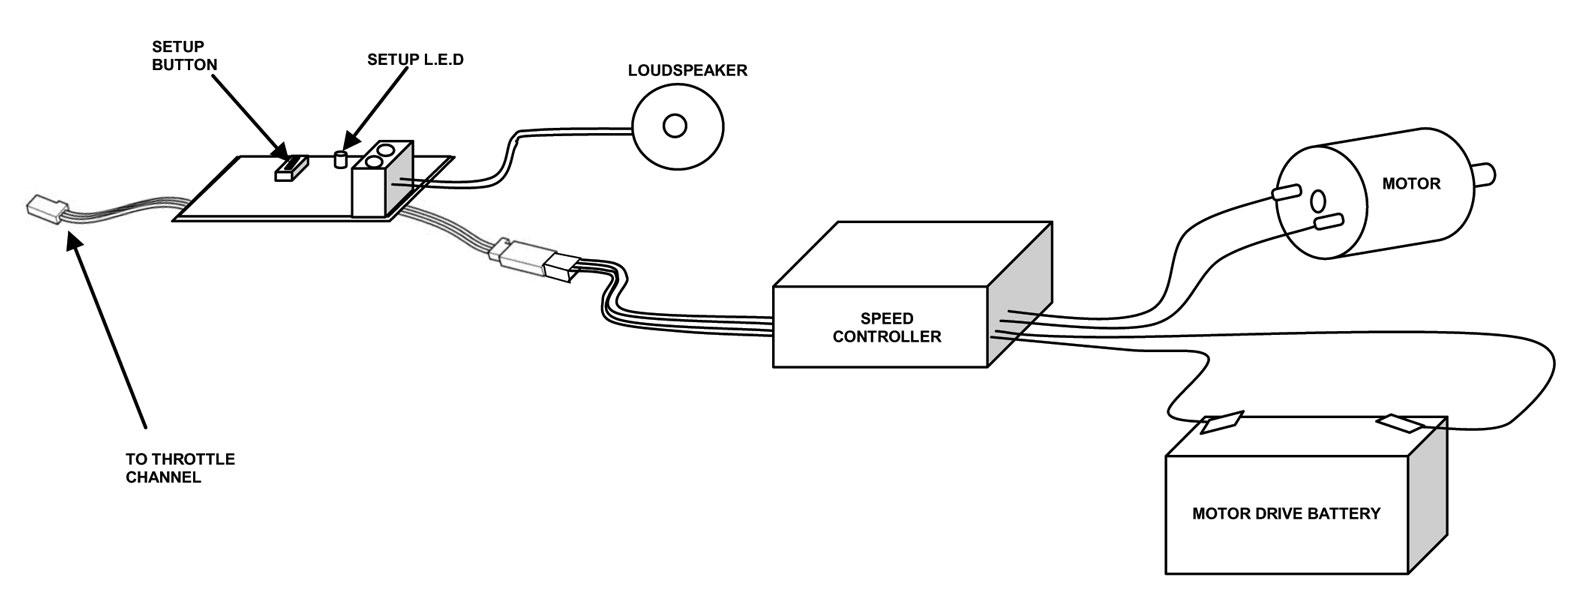 5 cylinder engine sound